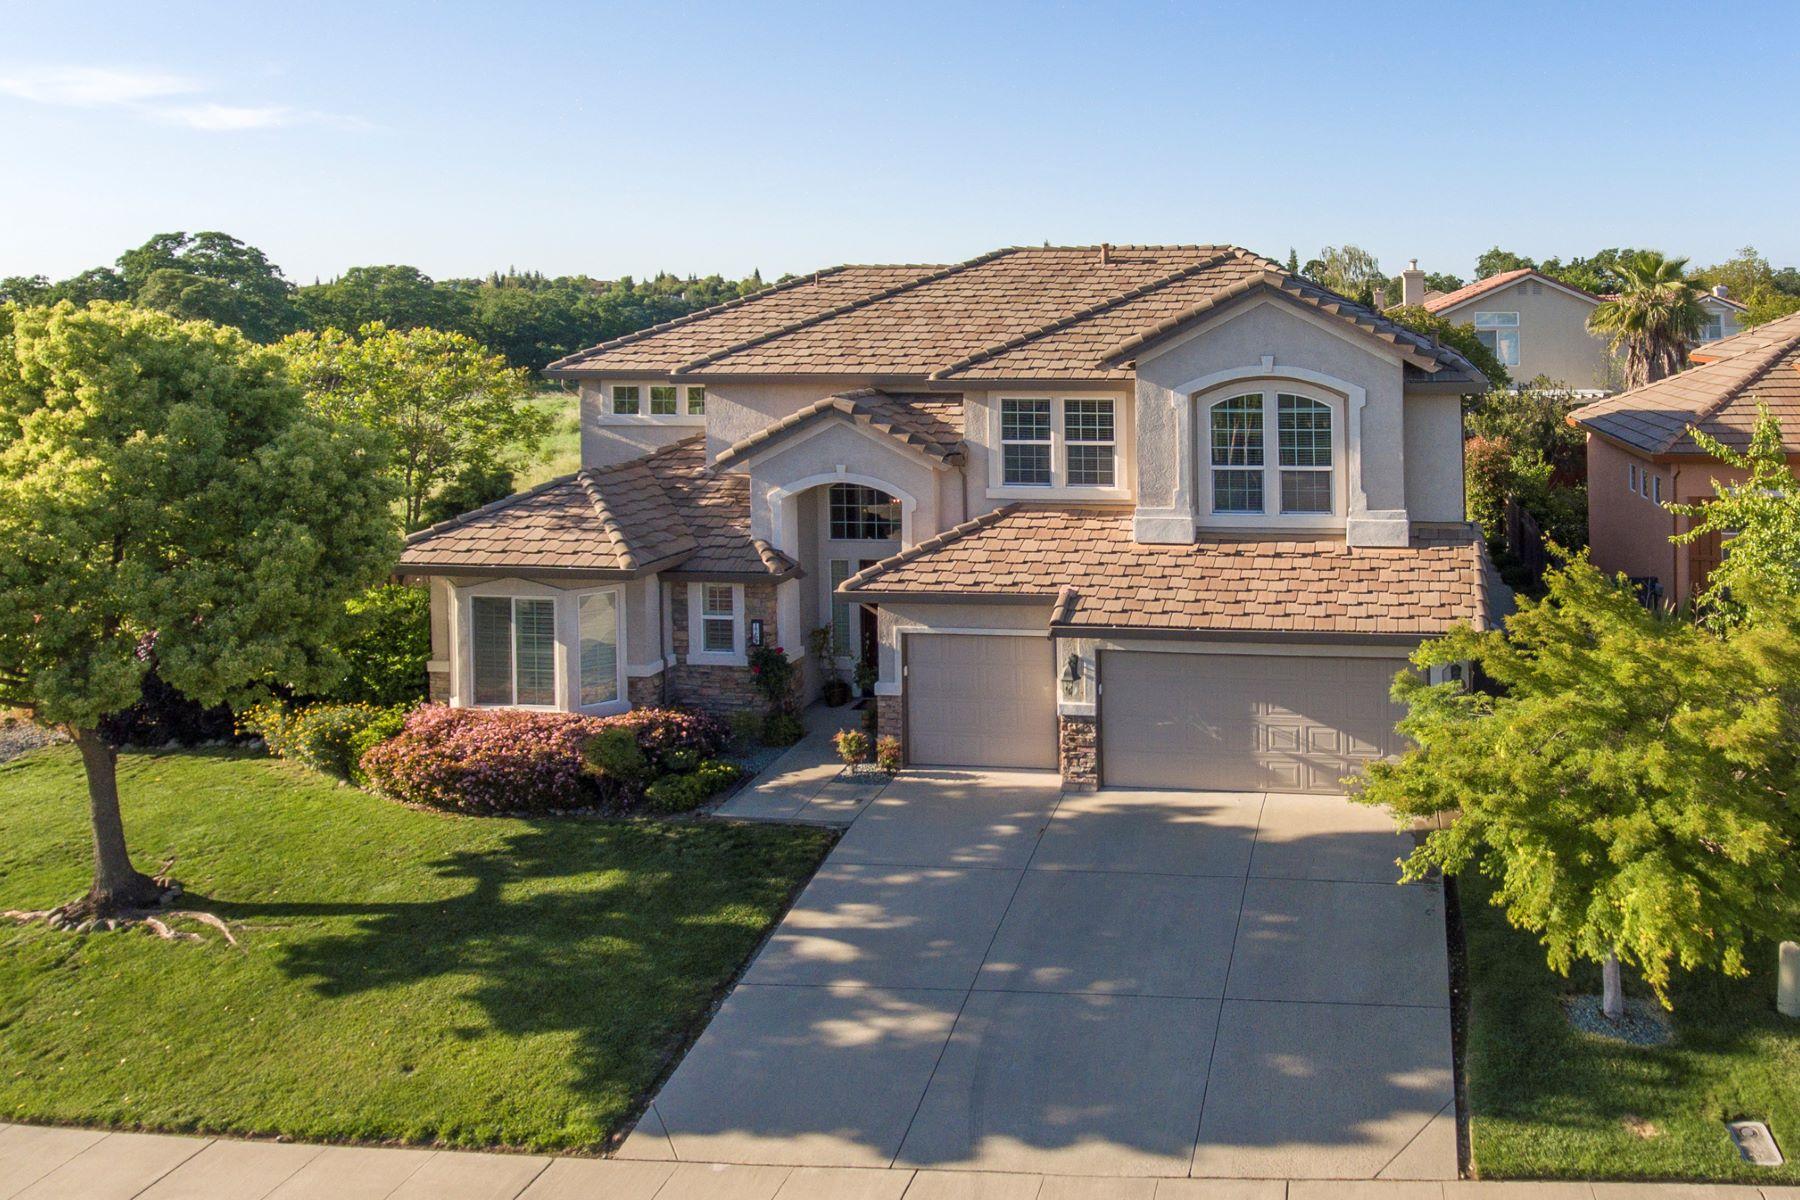 独户住宅 为 销售 在 1753 Orvietto Dr, Roseville, CA 95661 Roseville, 加利福尼亚州 95661 美国